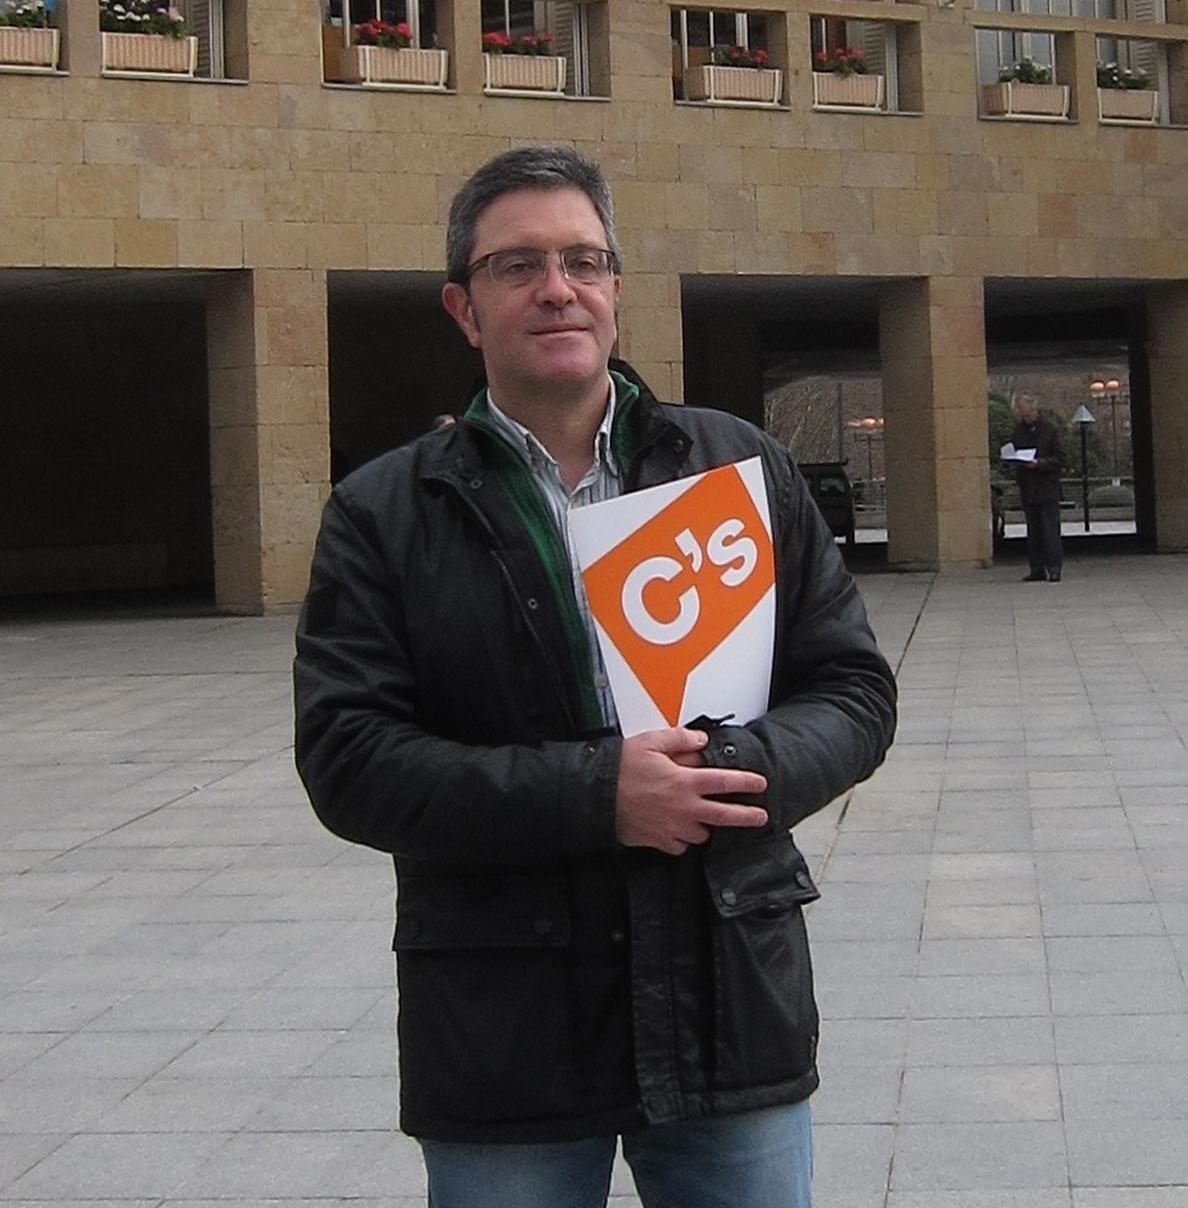 Ciudadanos propone una ventanilla única de Servicios Sociales en Logroño